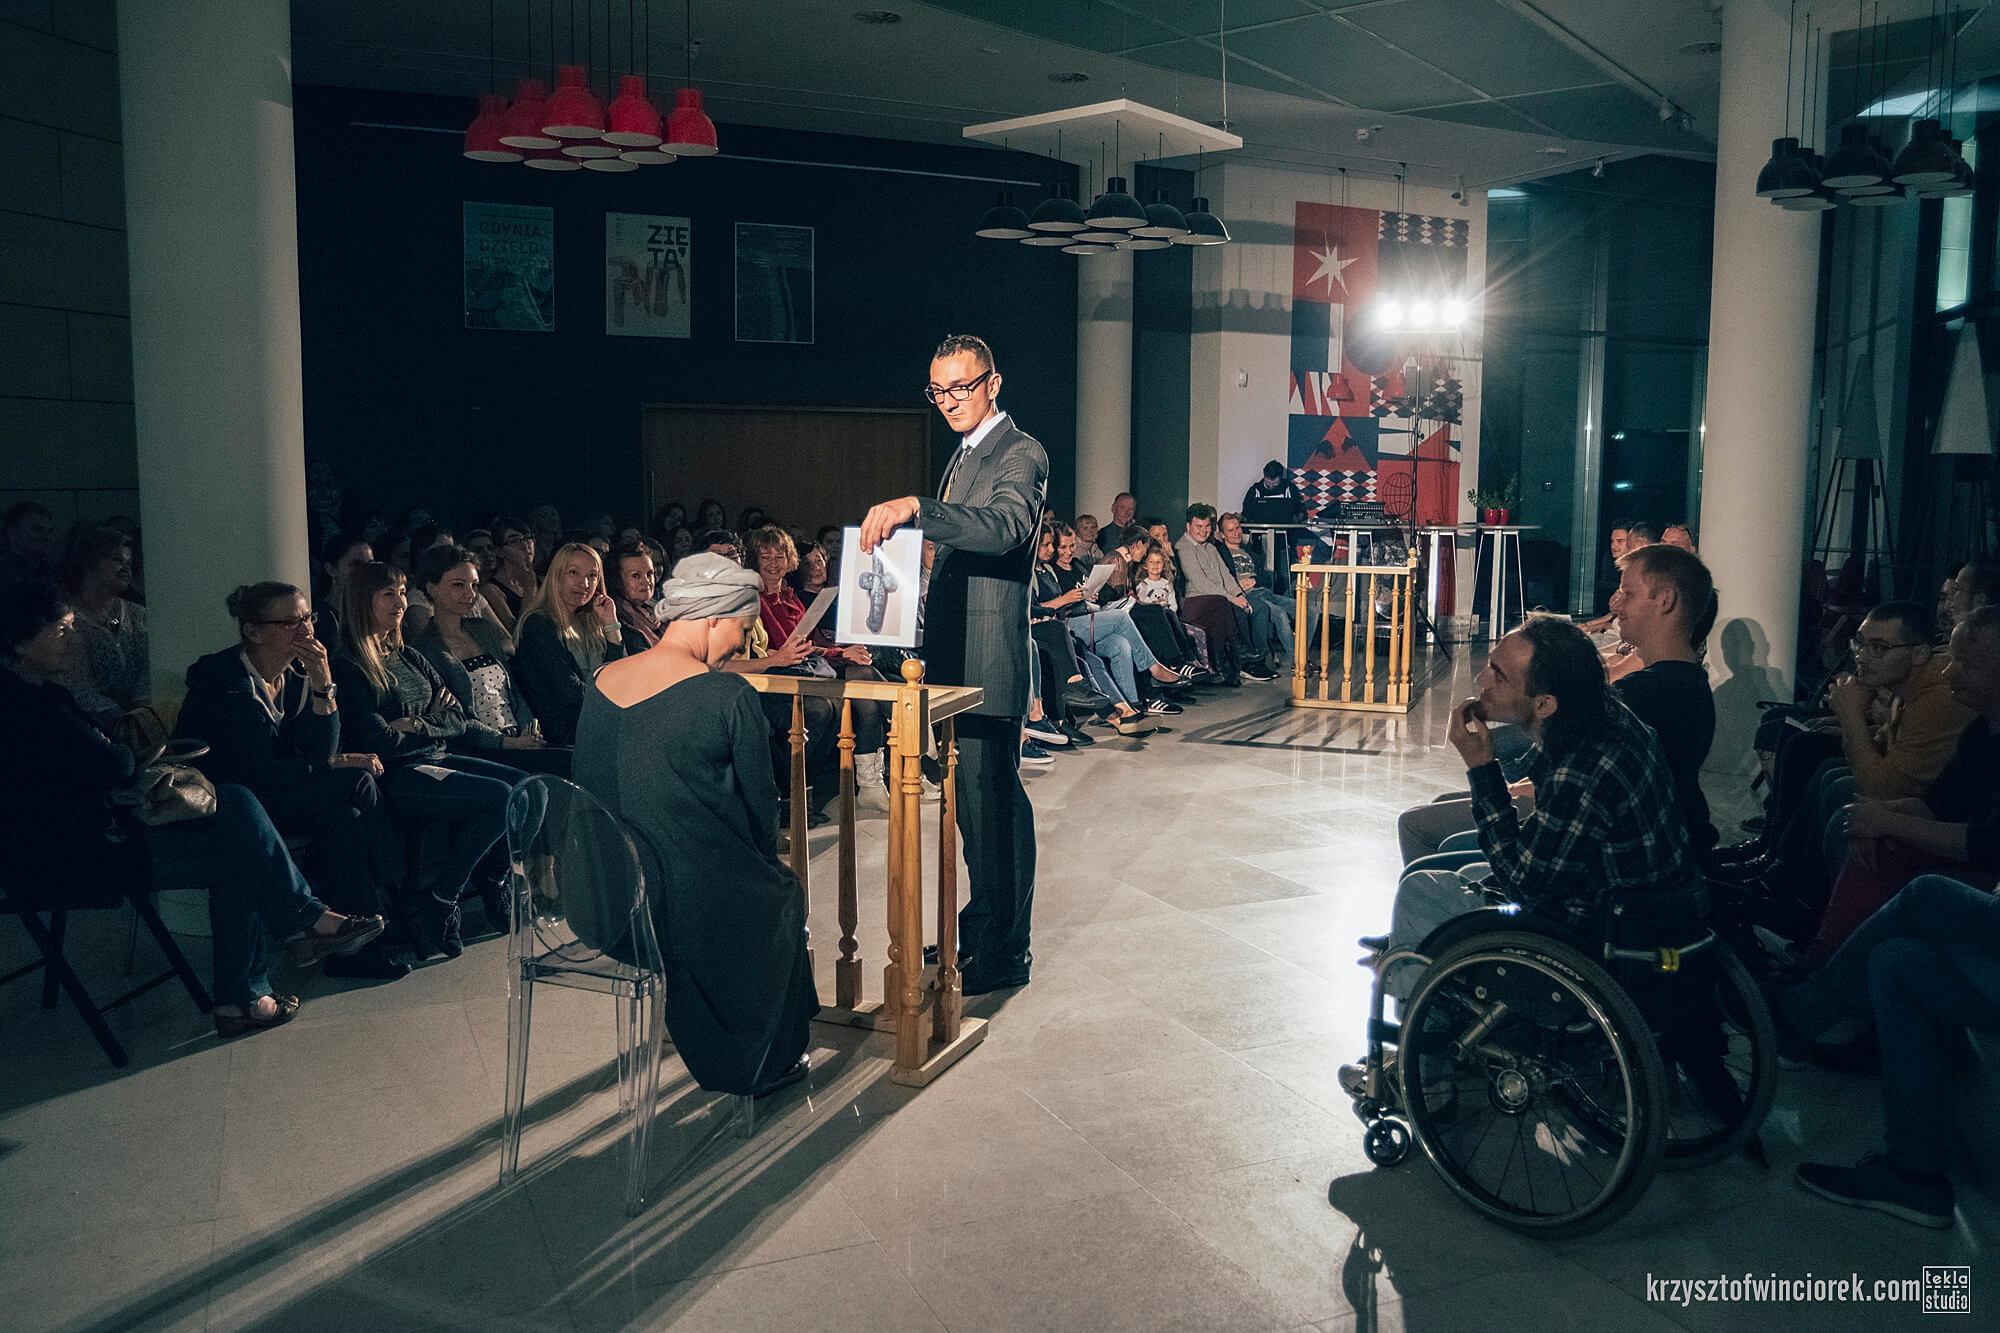 Zdjęcie z festiwalu Pociąg do miasta. Aktor ubrany w ciemny garnitur stoi na środku przy drewnianej barierce. Kobieta w turbanie siedzi przed nim na krześle. Mężczyzna pokazuje jej kartke papieru. Po dwóch stronach zgromadzona publiczność.